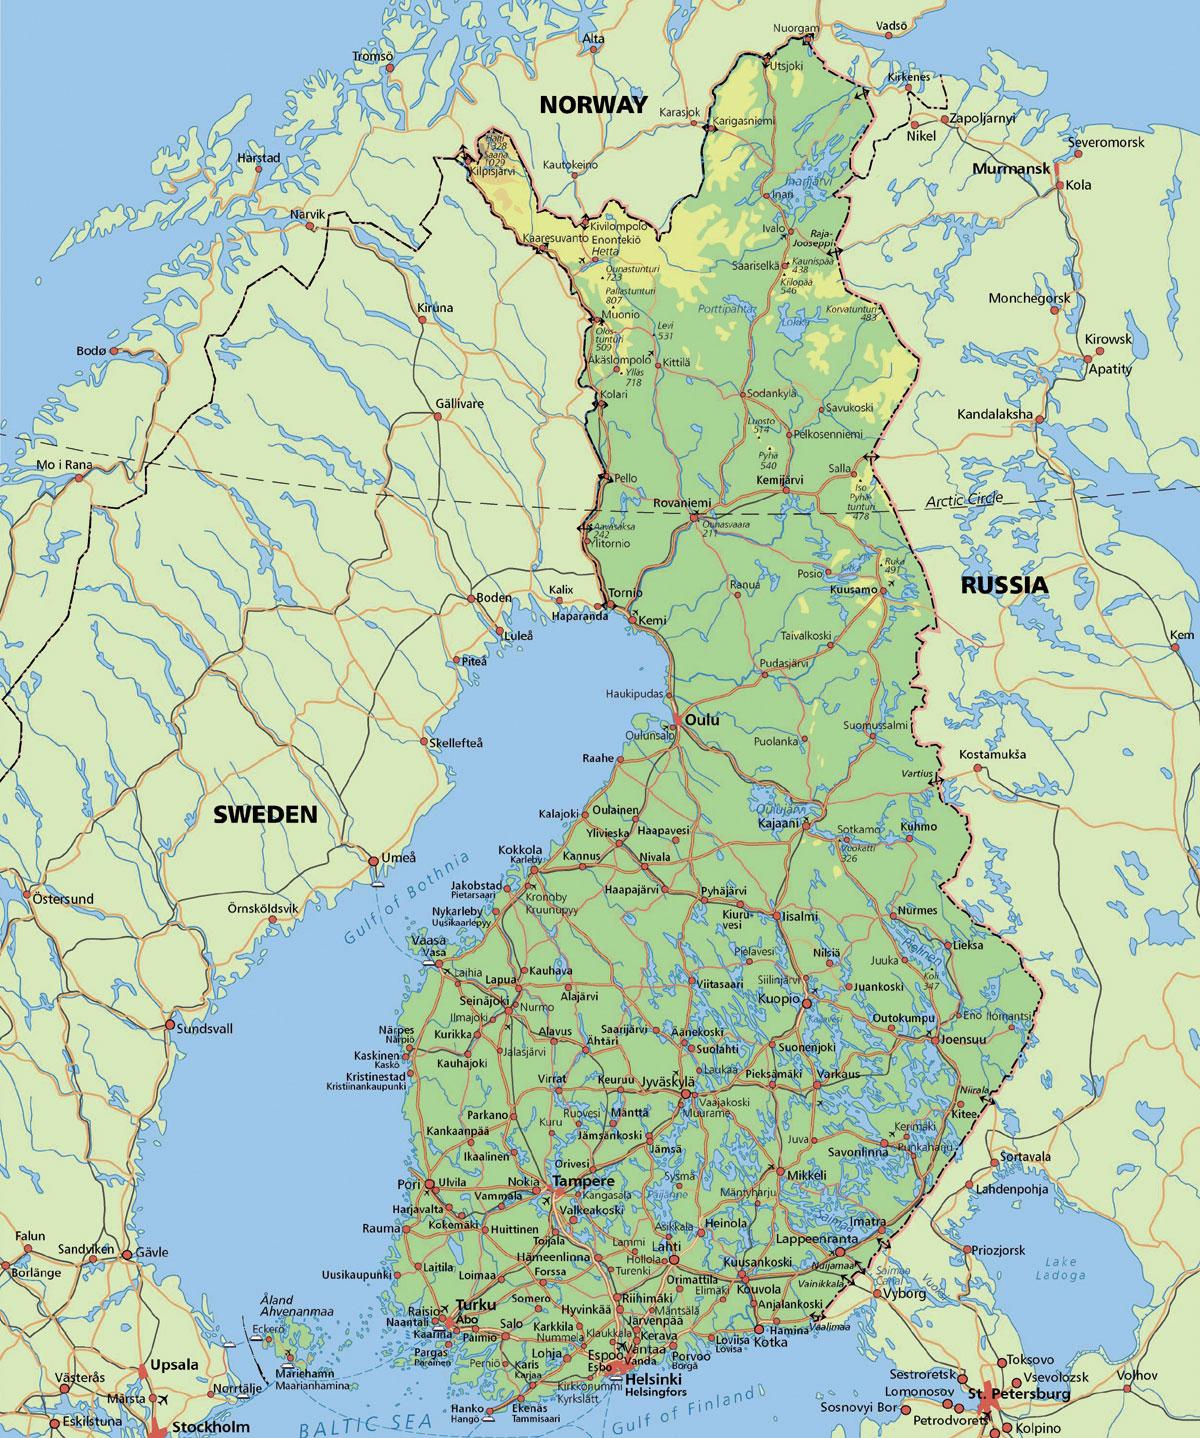 Finland | Scott Brown's Cerebral Caffeine